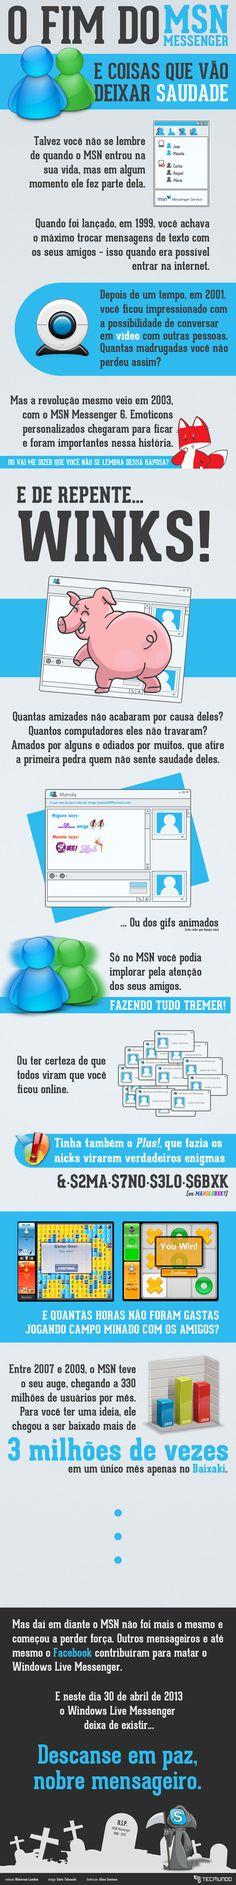 Infográfico - O fim do MSN Messenger: uma era que vai deixar saudade [infográfico]